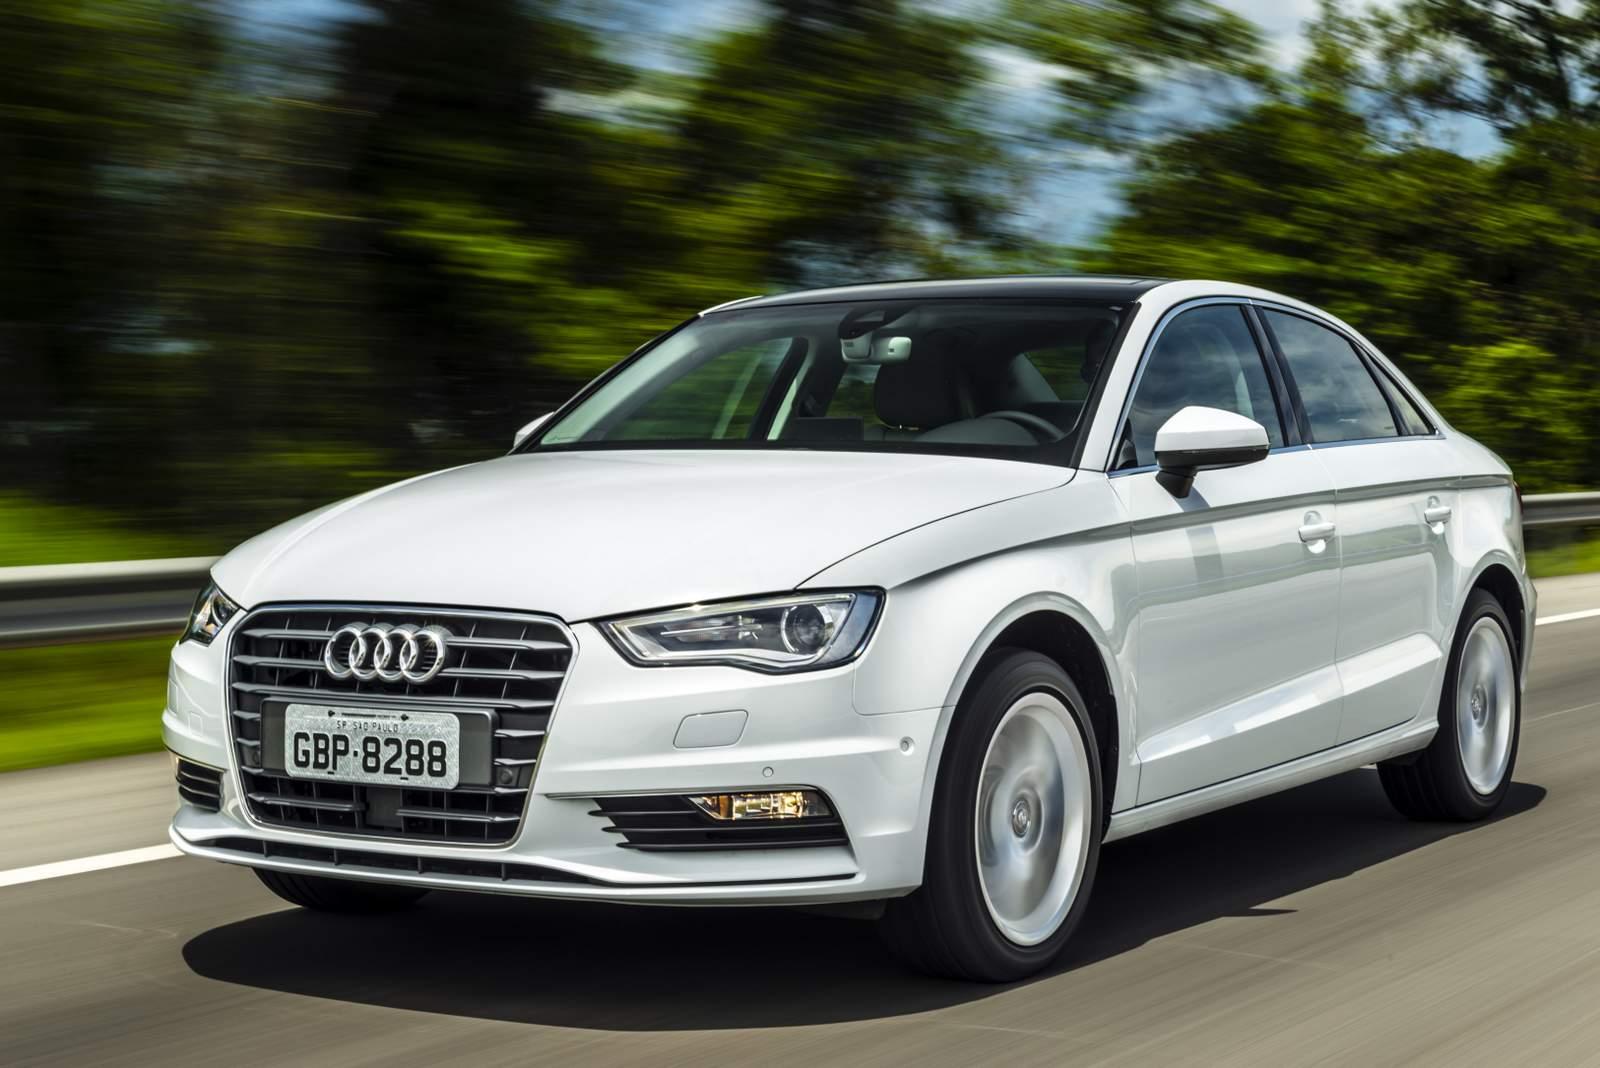 Audi A3 2.0 Ambition: suspensão multilink e câmbio DSG